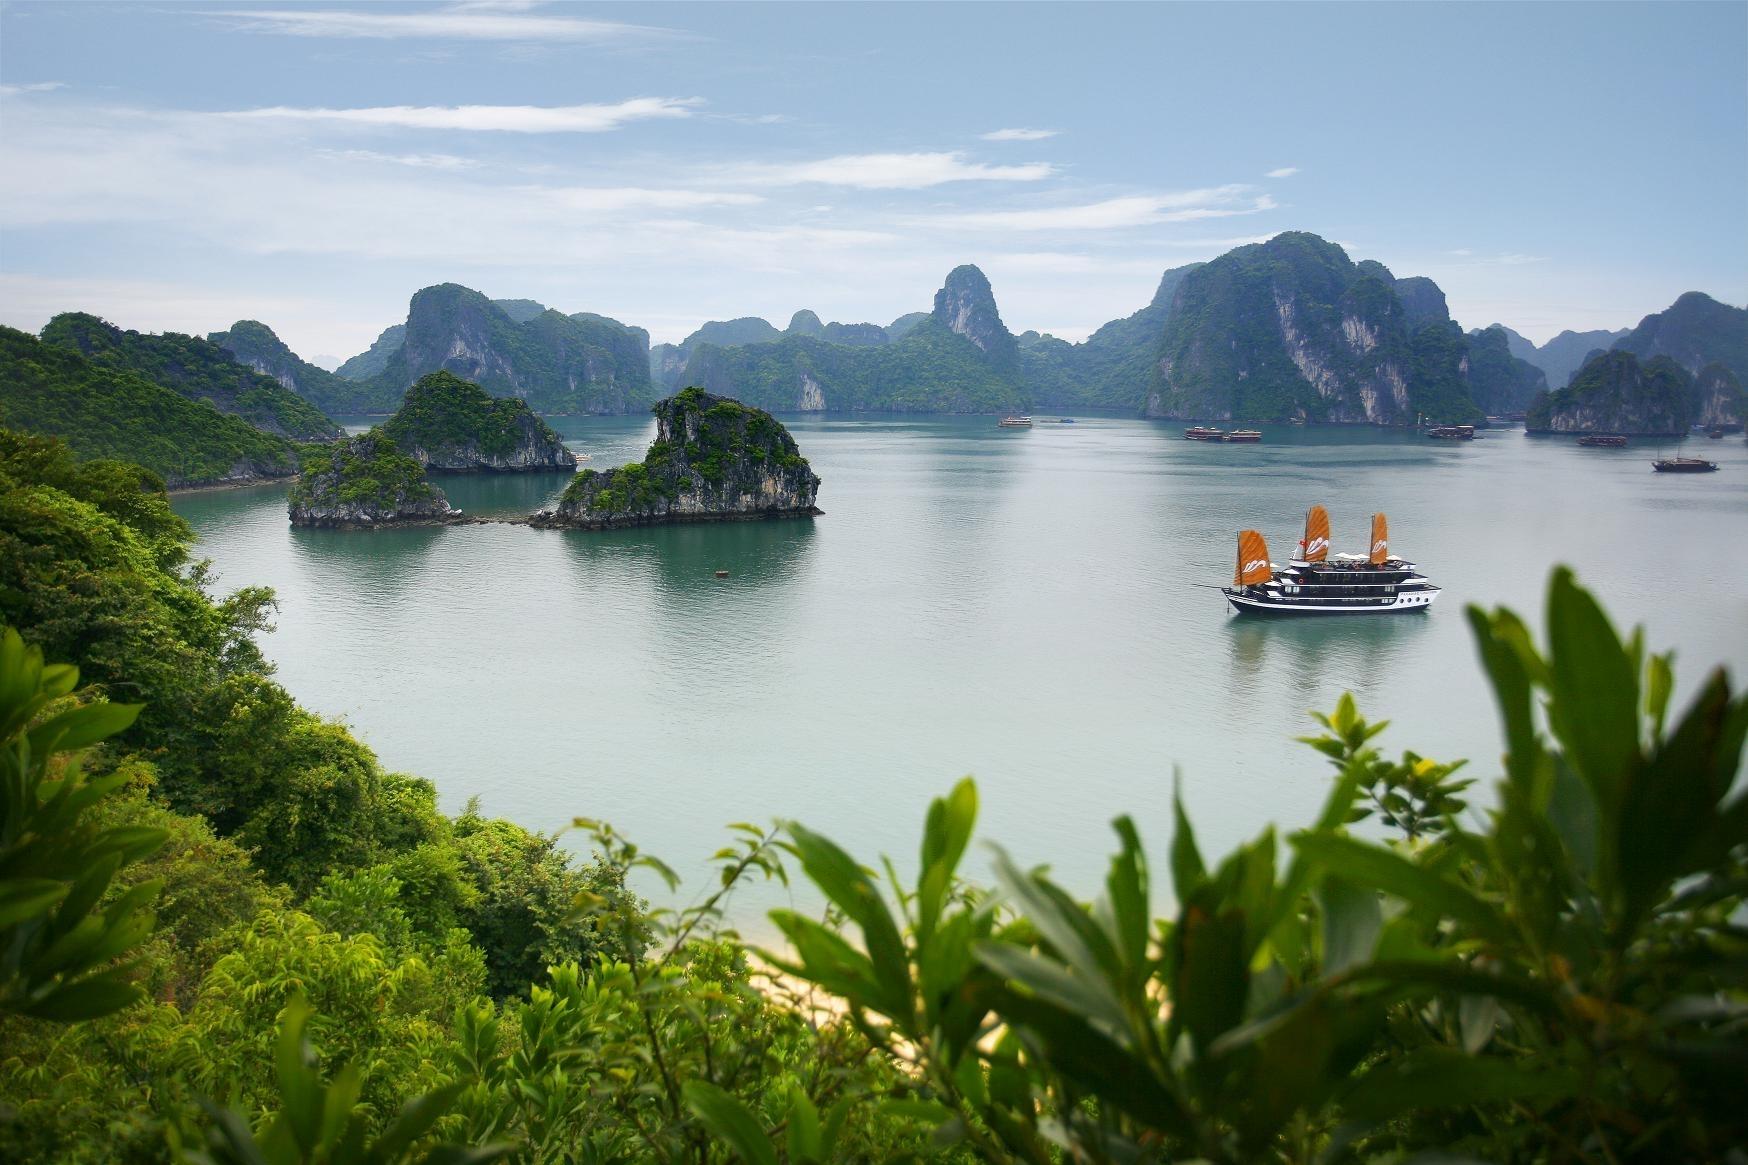 Du lịch Cát Bà - Hạ Long 3 ngày